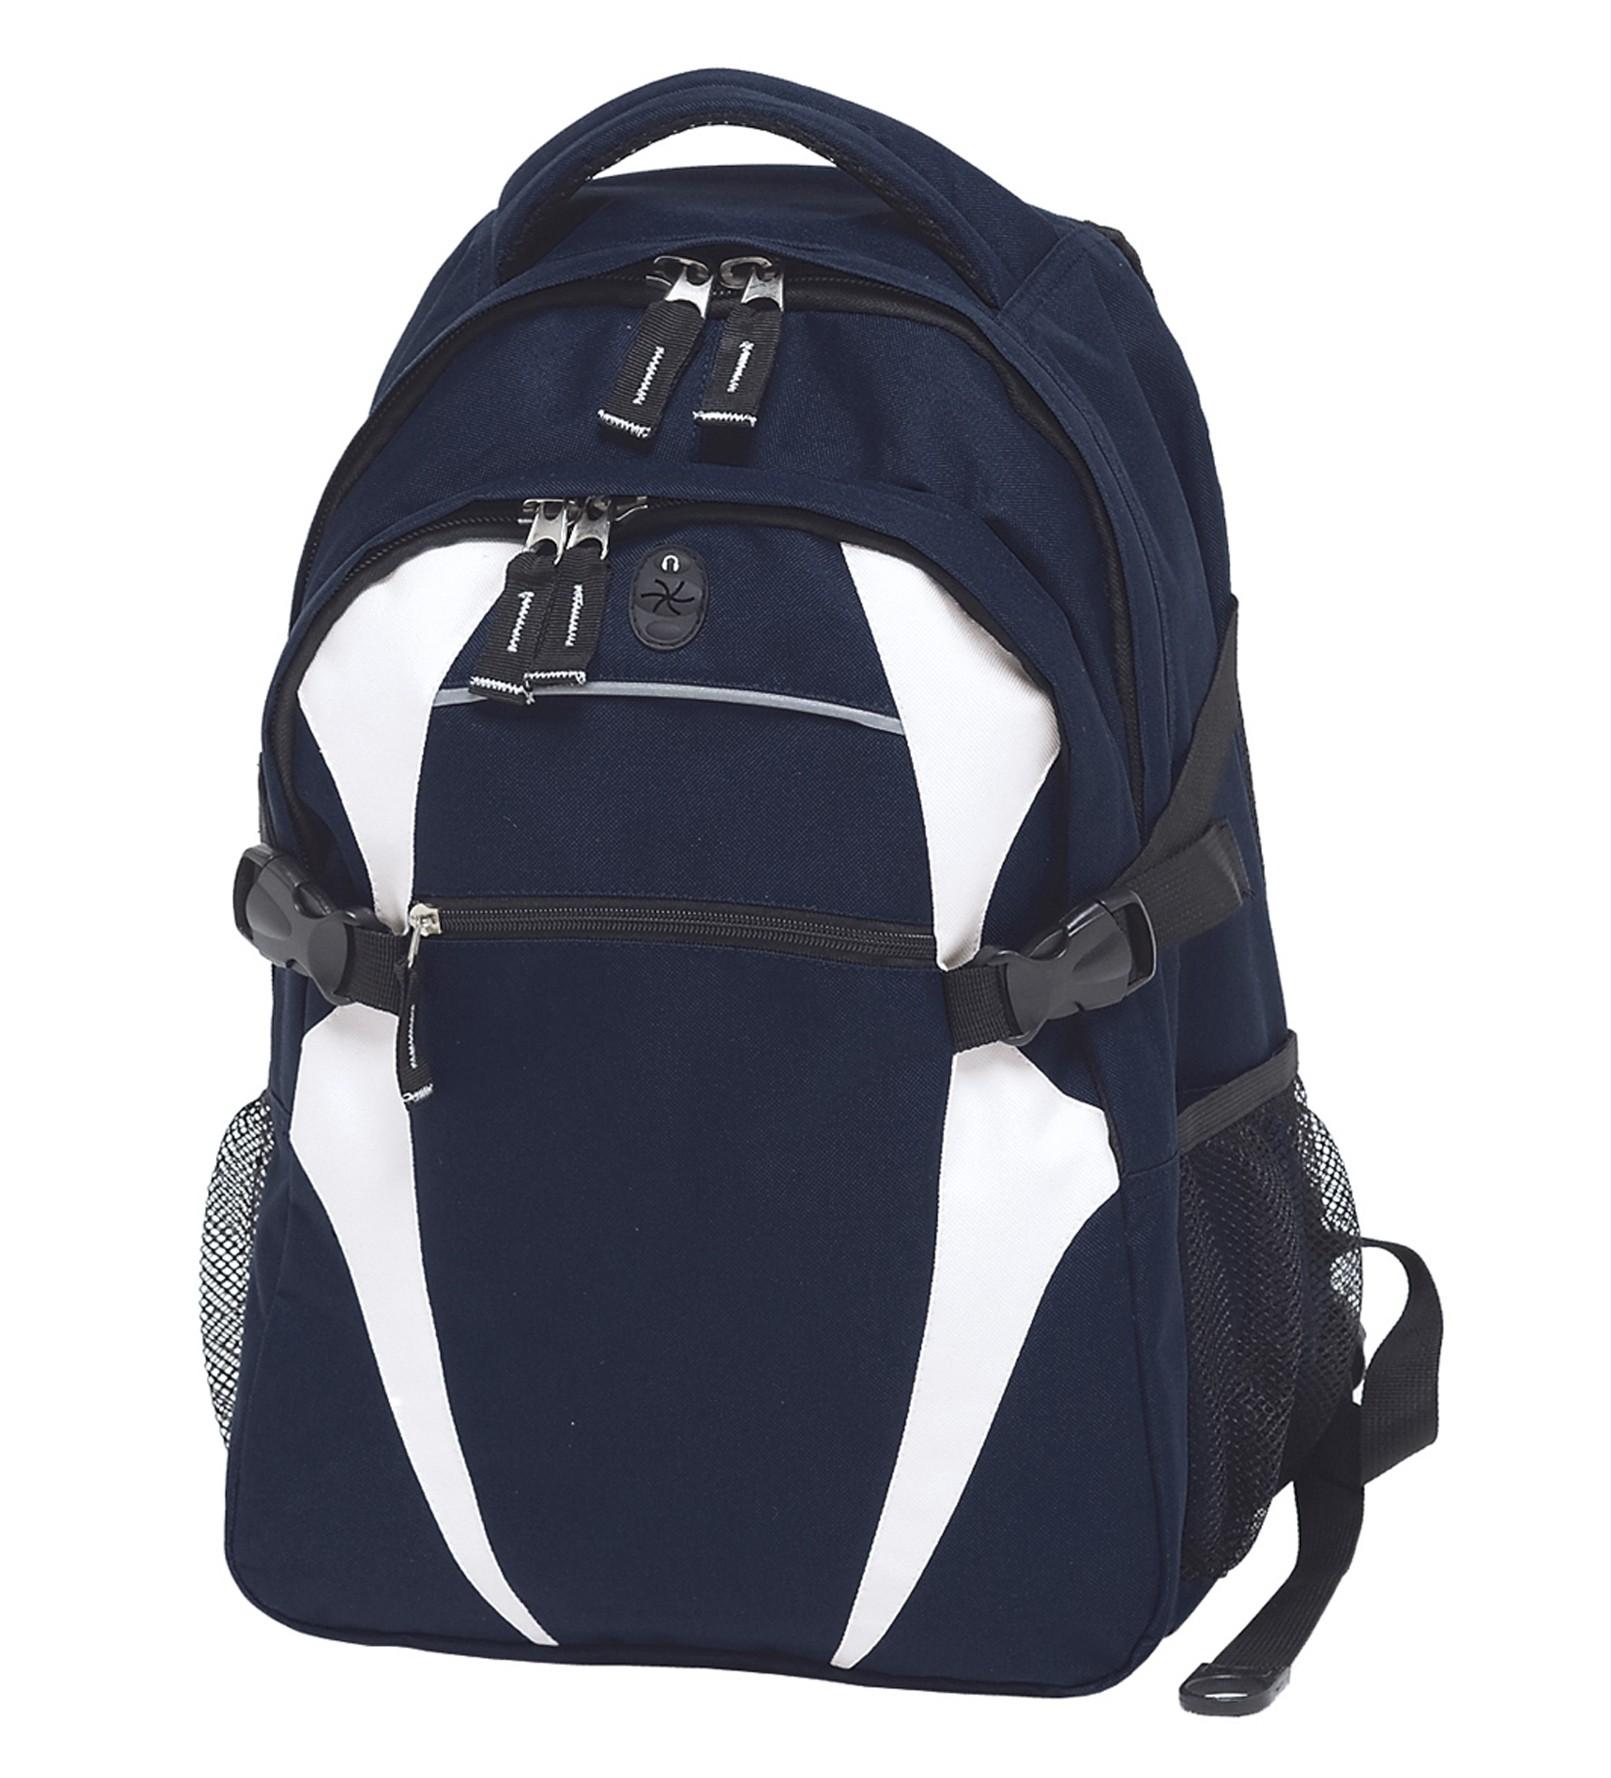 Spliced Zenith Backpack - Navy & White